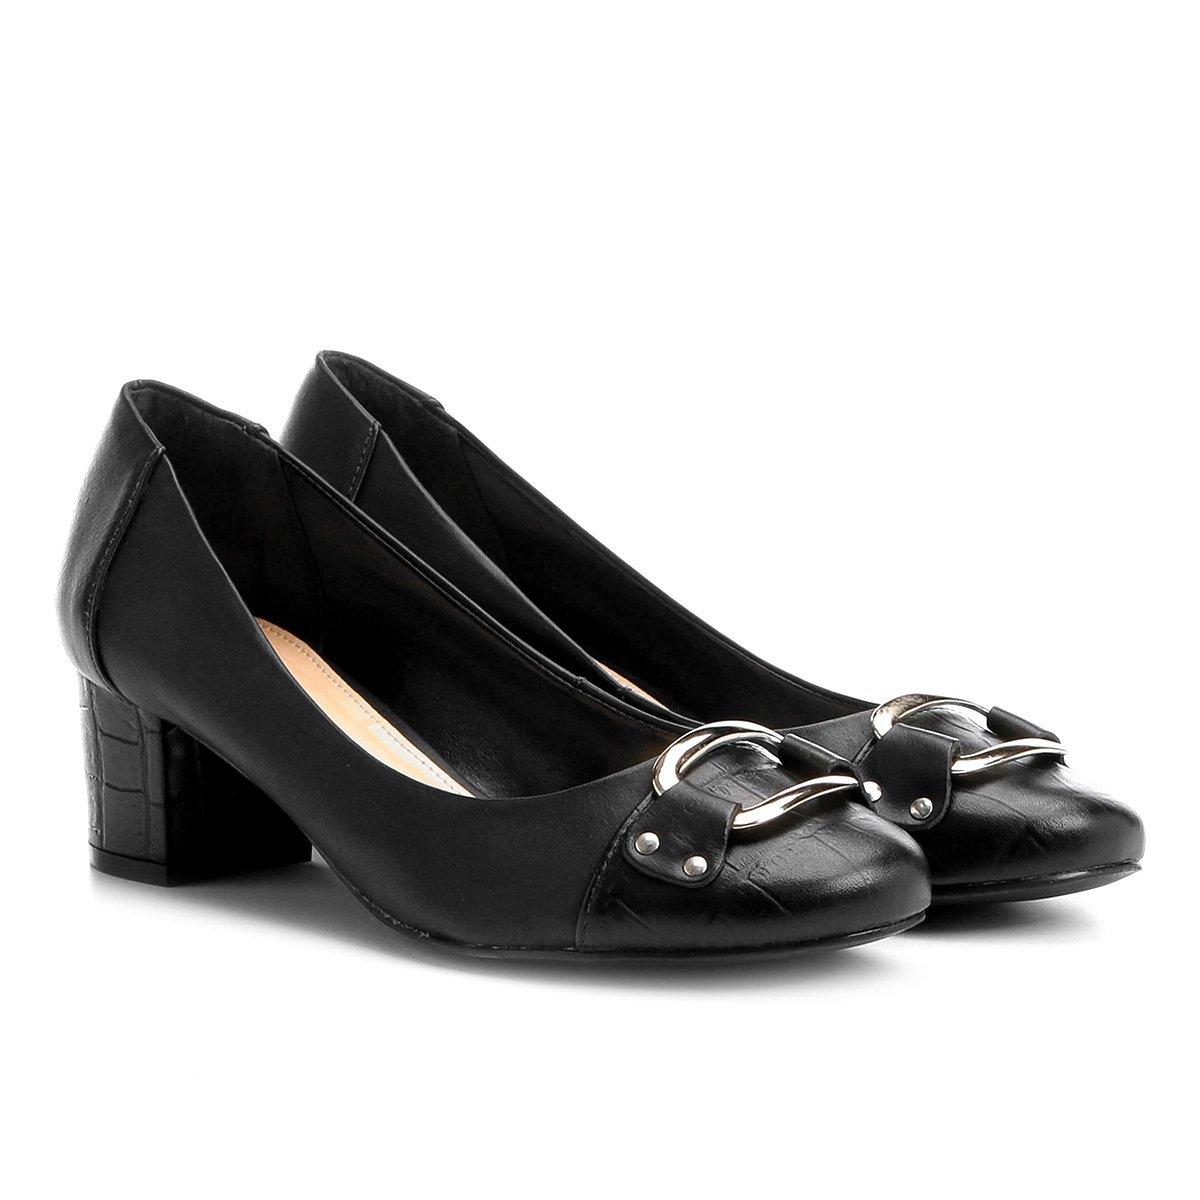 Couro Preto Scarpin Mix Shoestock Couro Croco Salto Scarpin Baixo FEg8xHgw